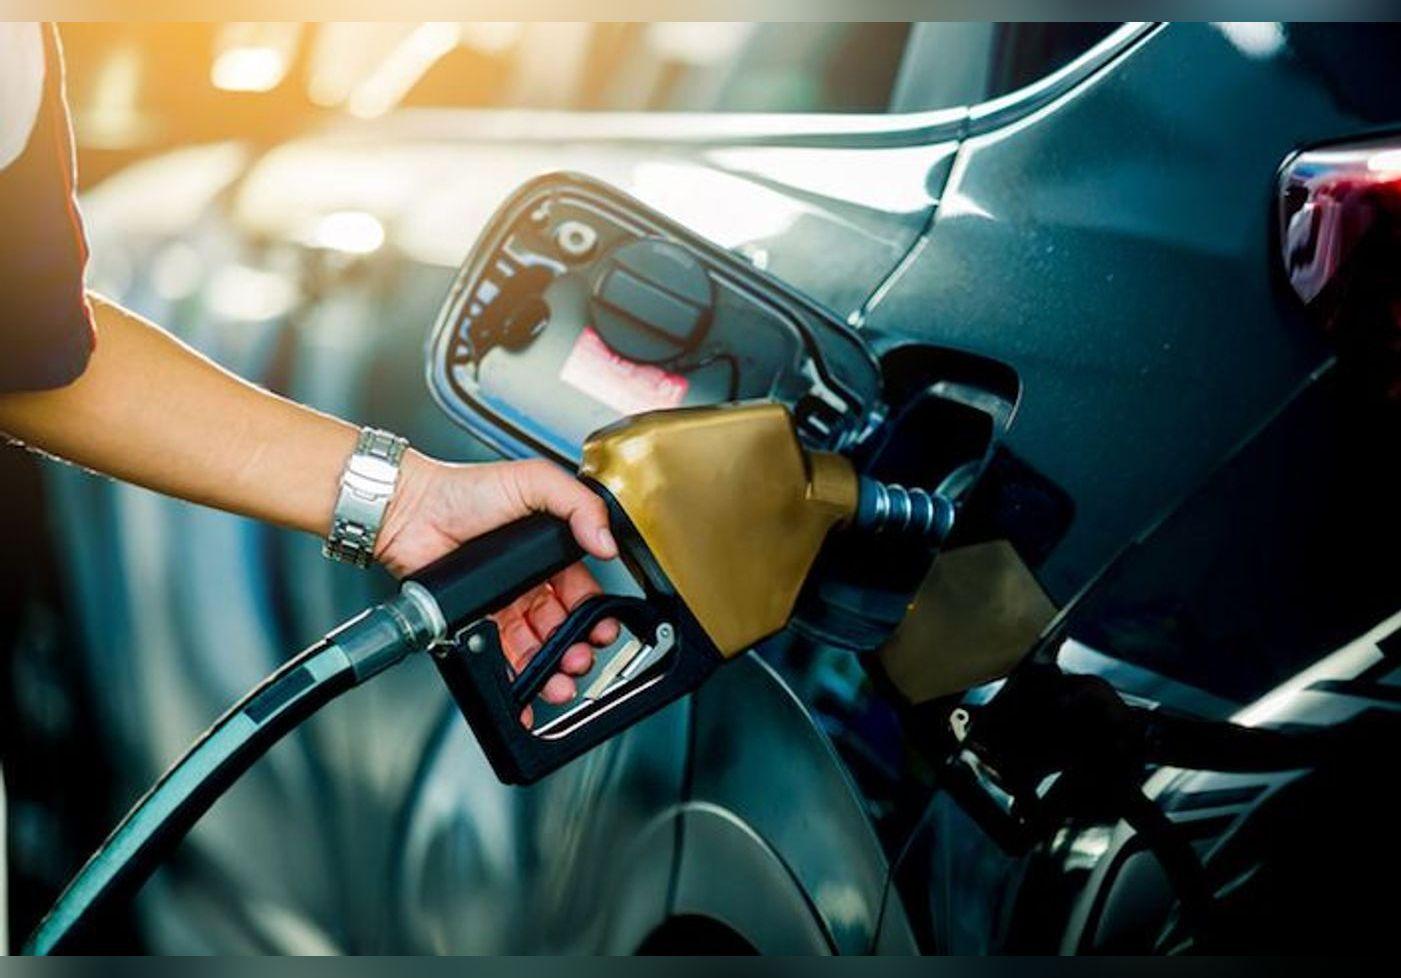 Prix du carburant : voici la liste des stations-service où le coût est le plus bas en France